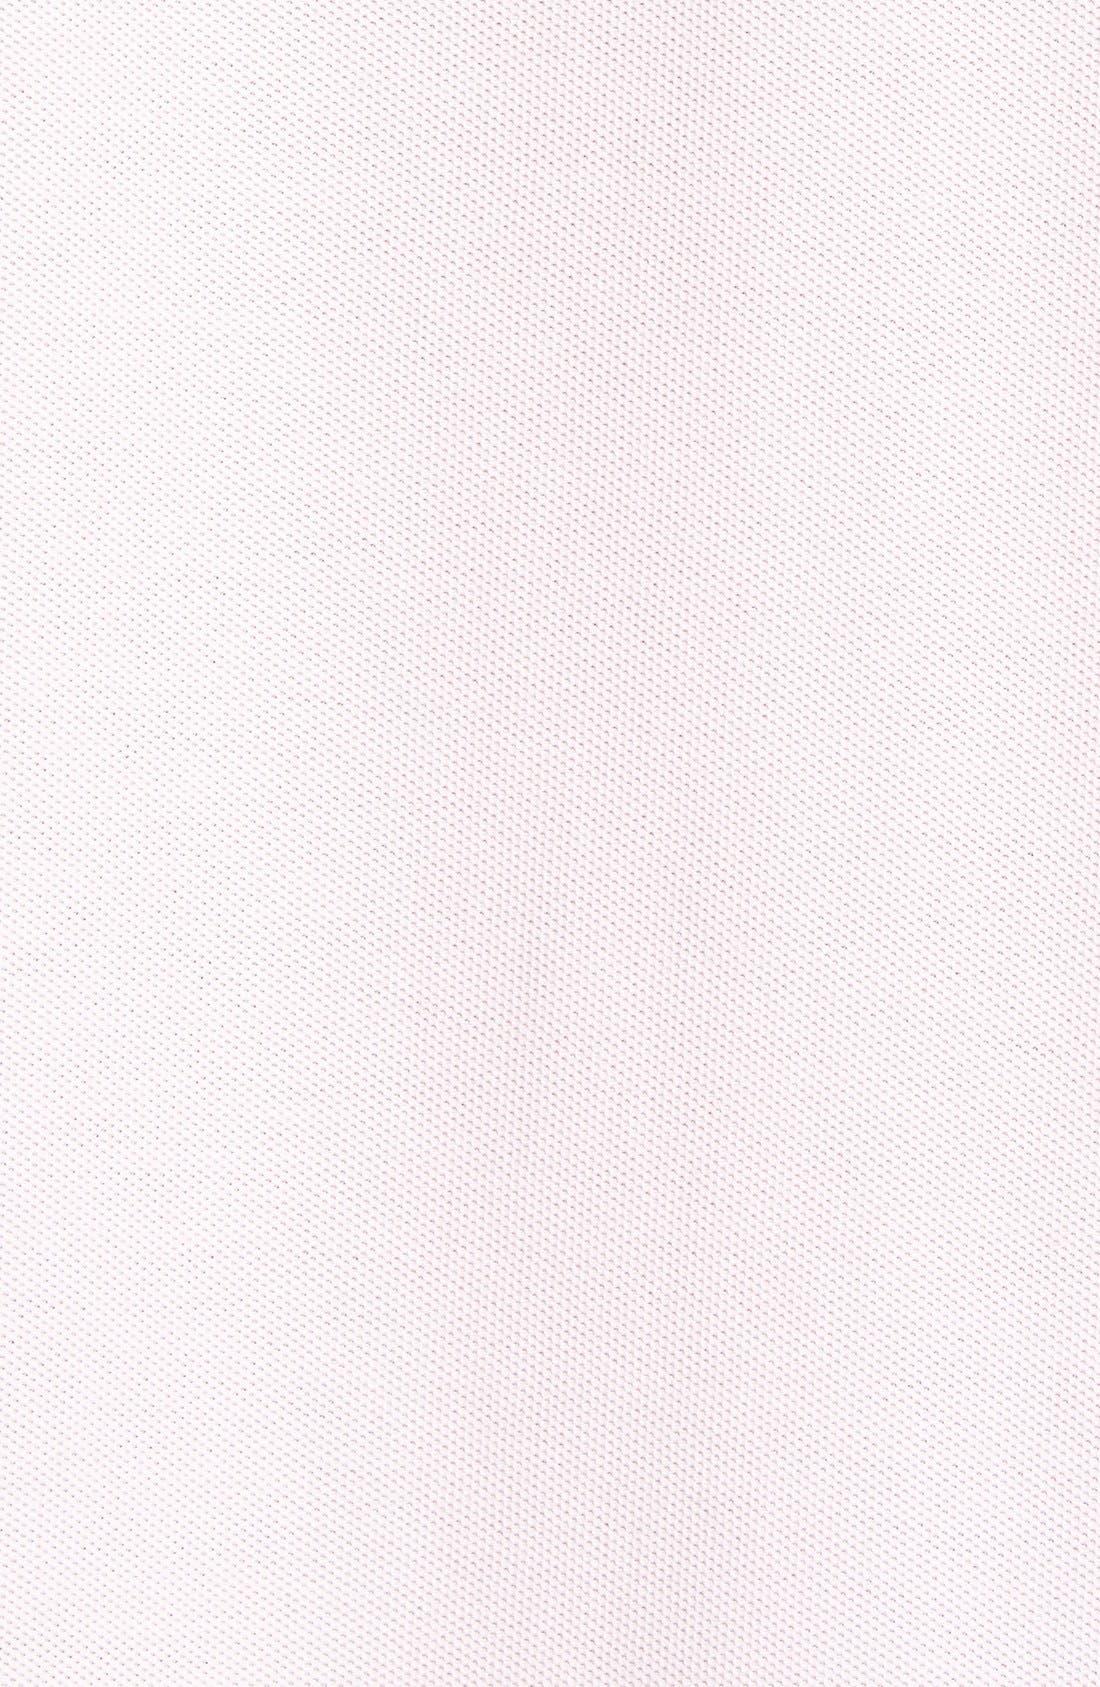 Classic Regular Fit Piqué Polo,                             Alternate thumbnail 95, color,